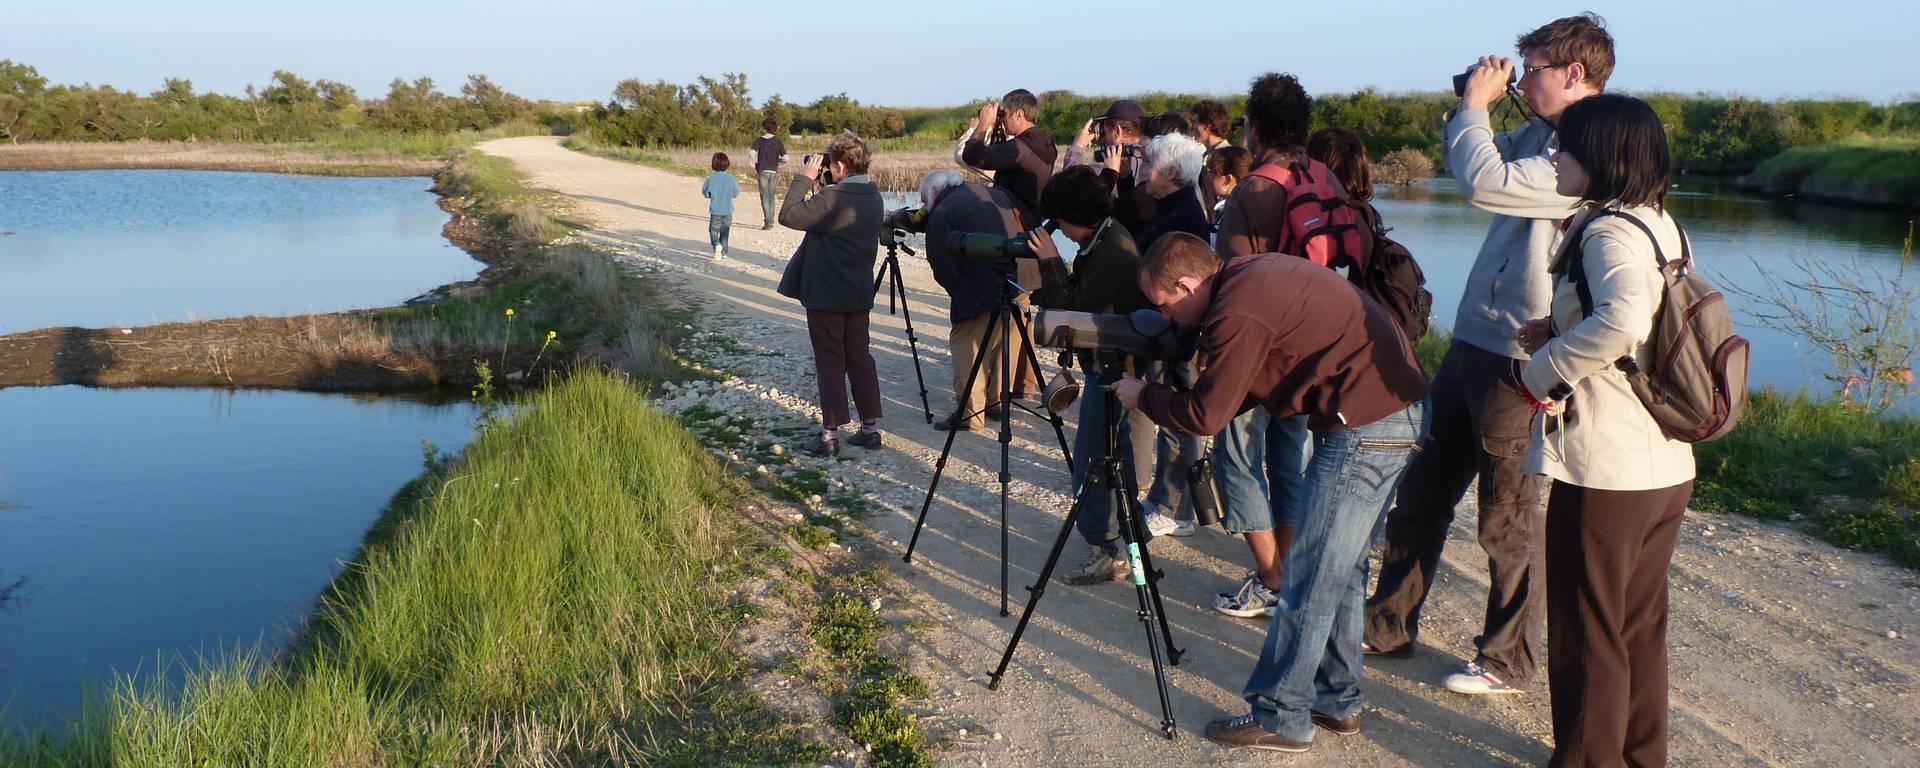 Groupe observant les oiseaux ©SPL Destination Ile de Ré